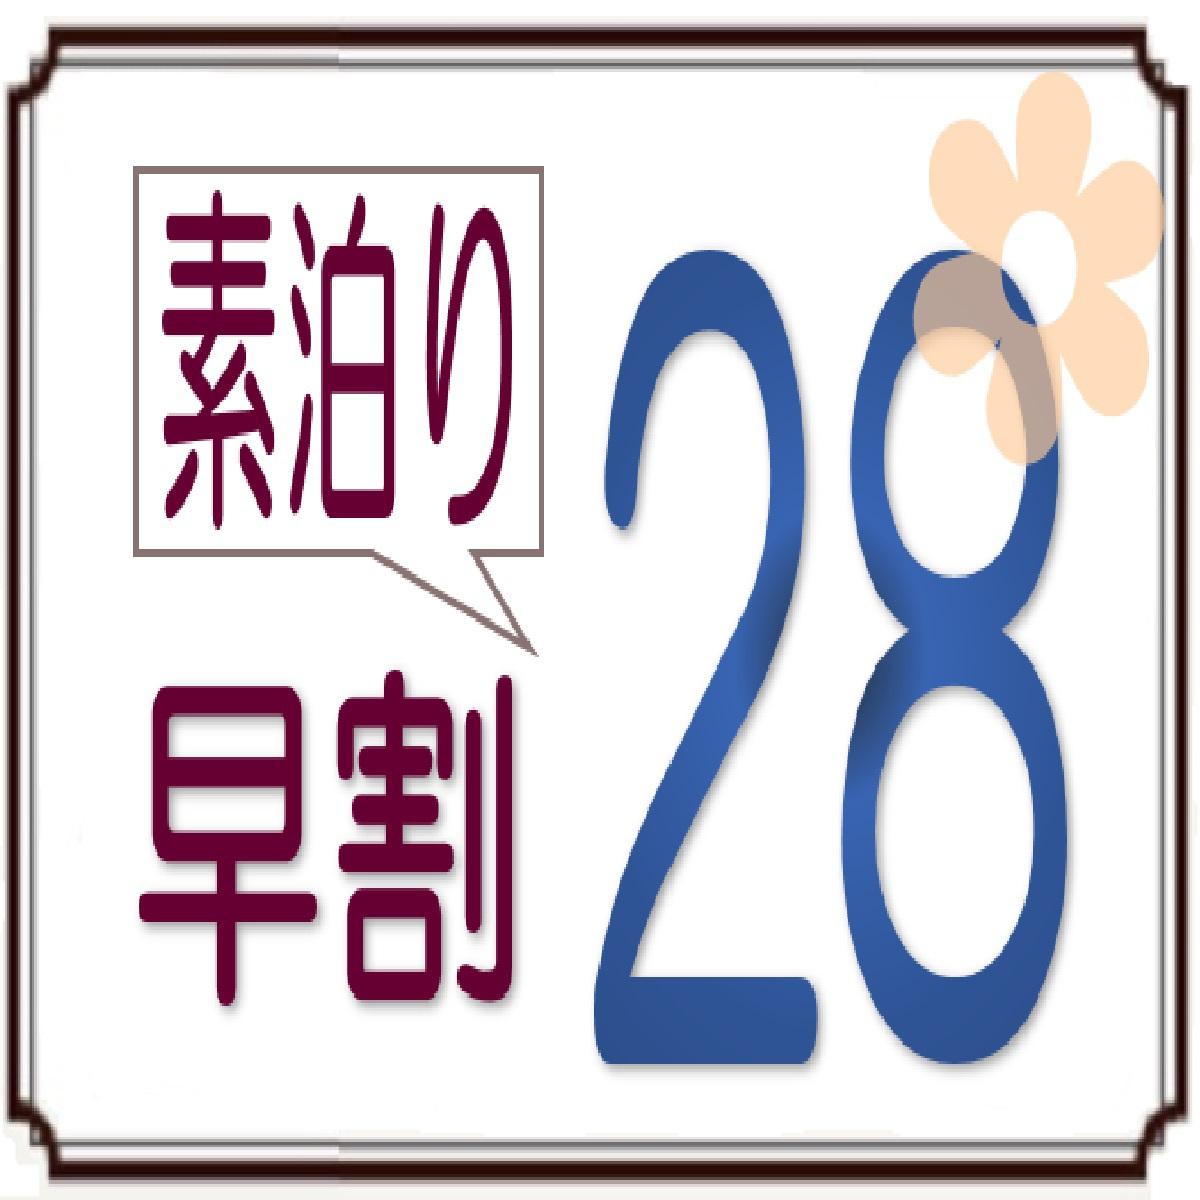 【早得28】早期予約でお得に宿泊プラン28【食事なし】